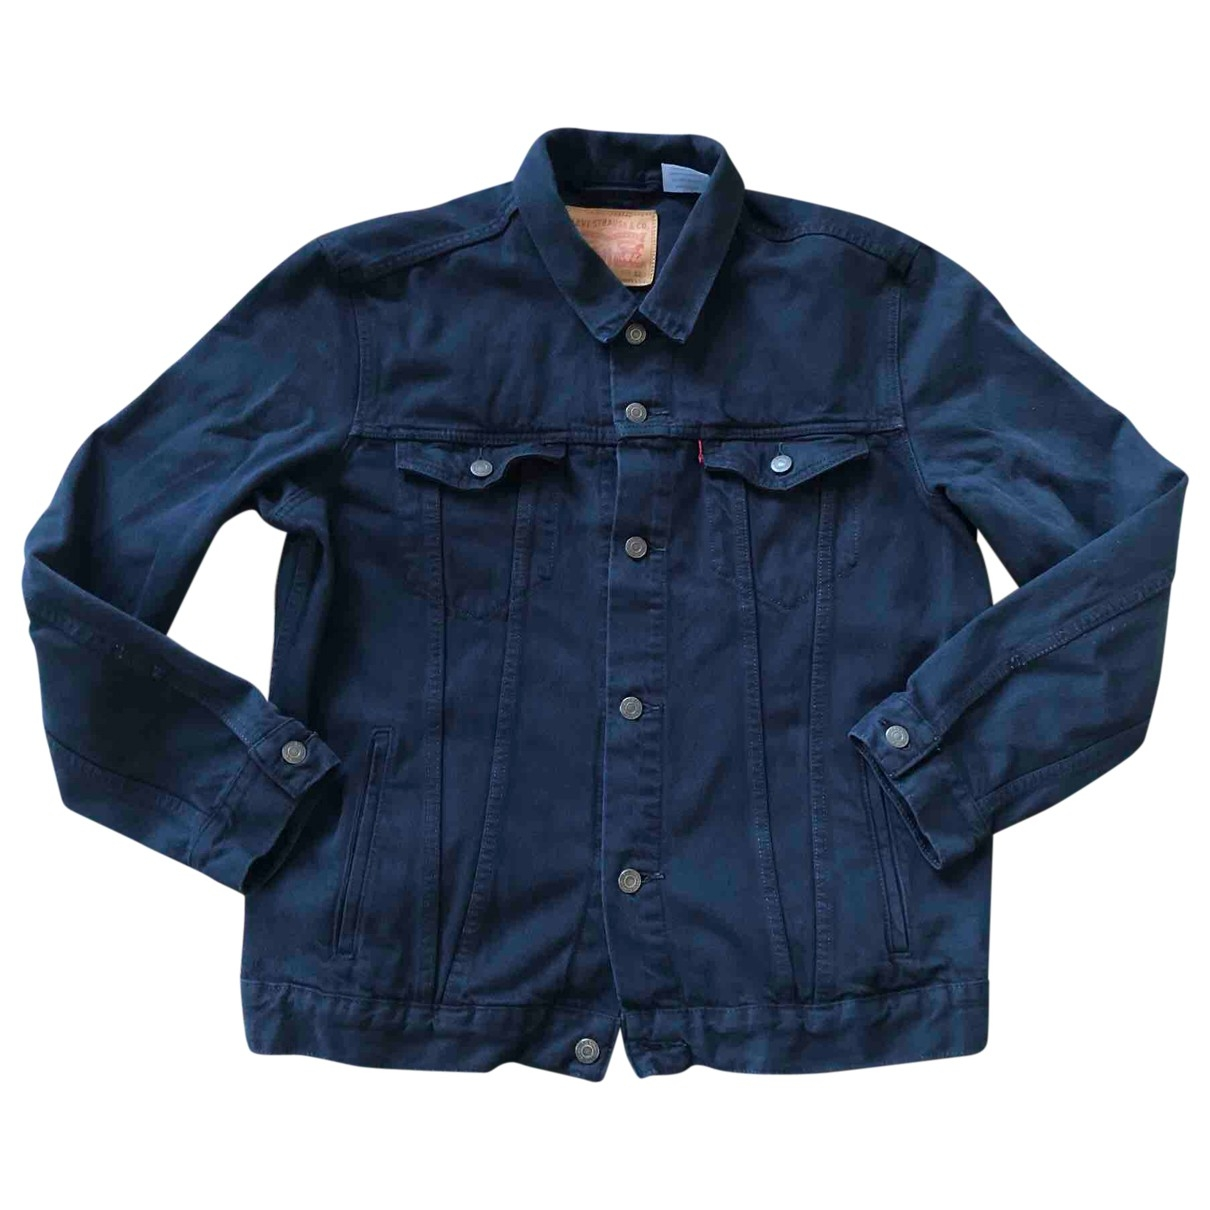 Levis \N Jacke in  Marine Denim - Jeans